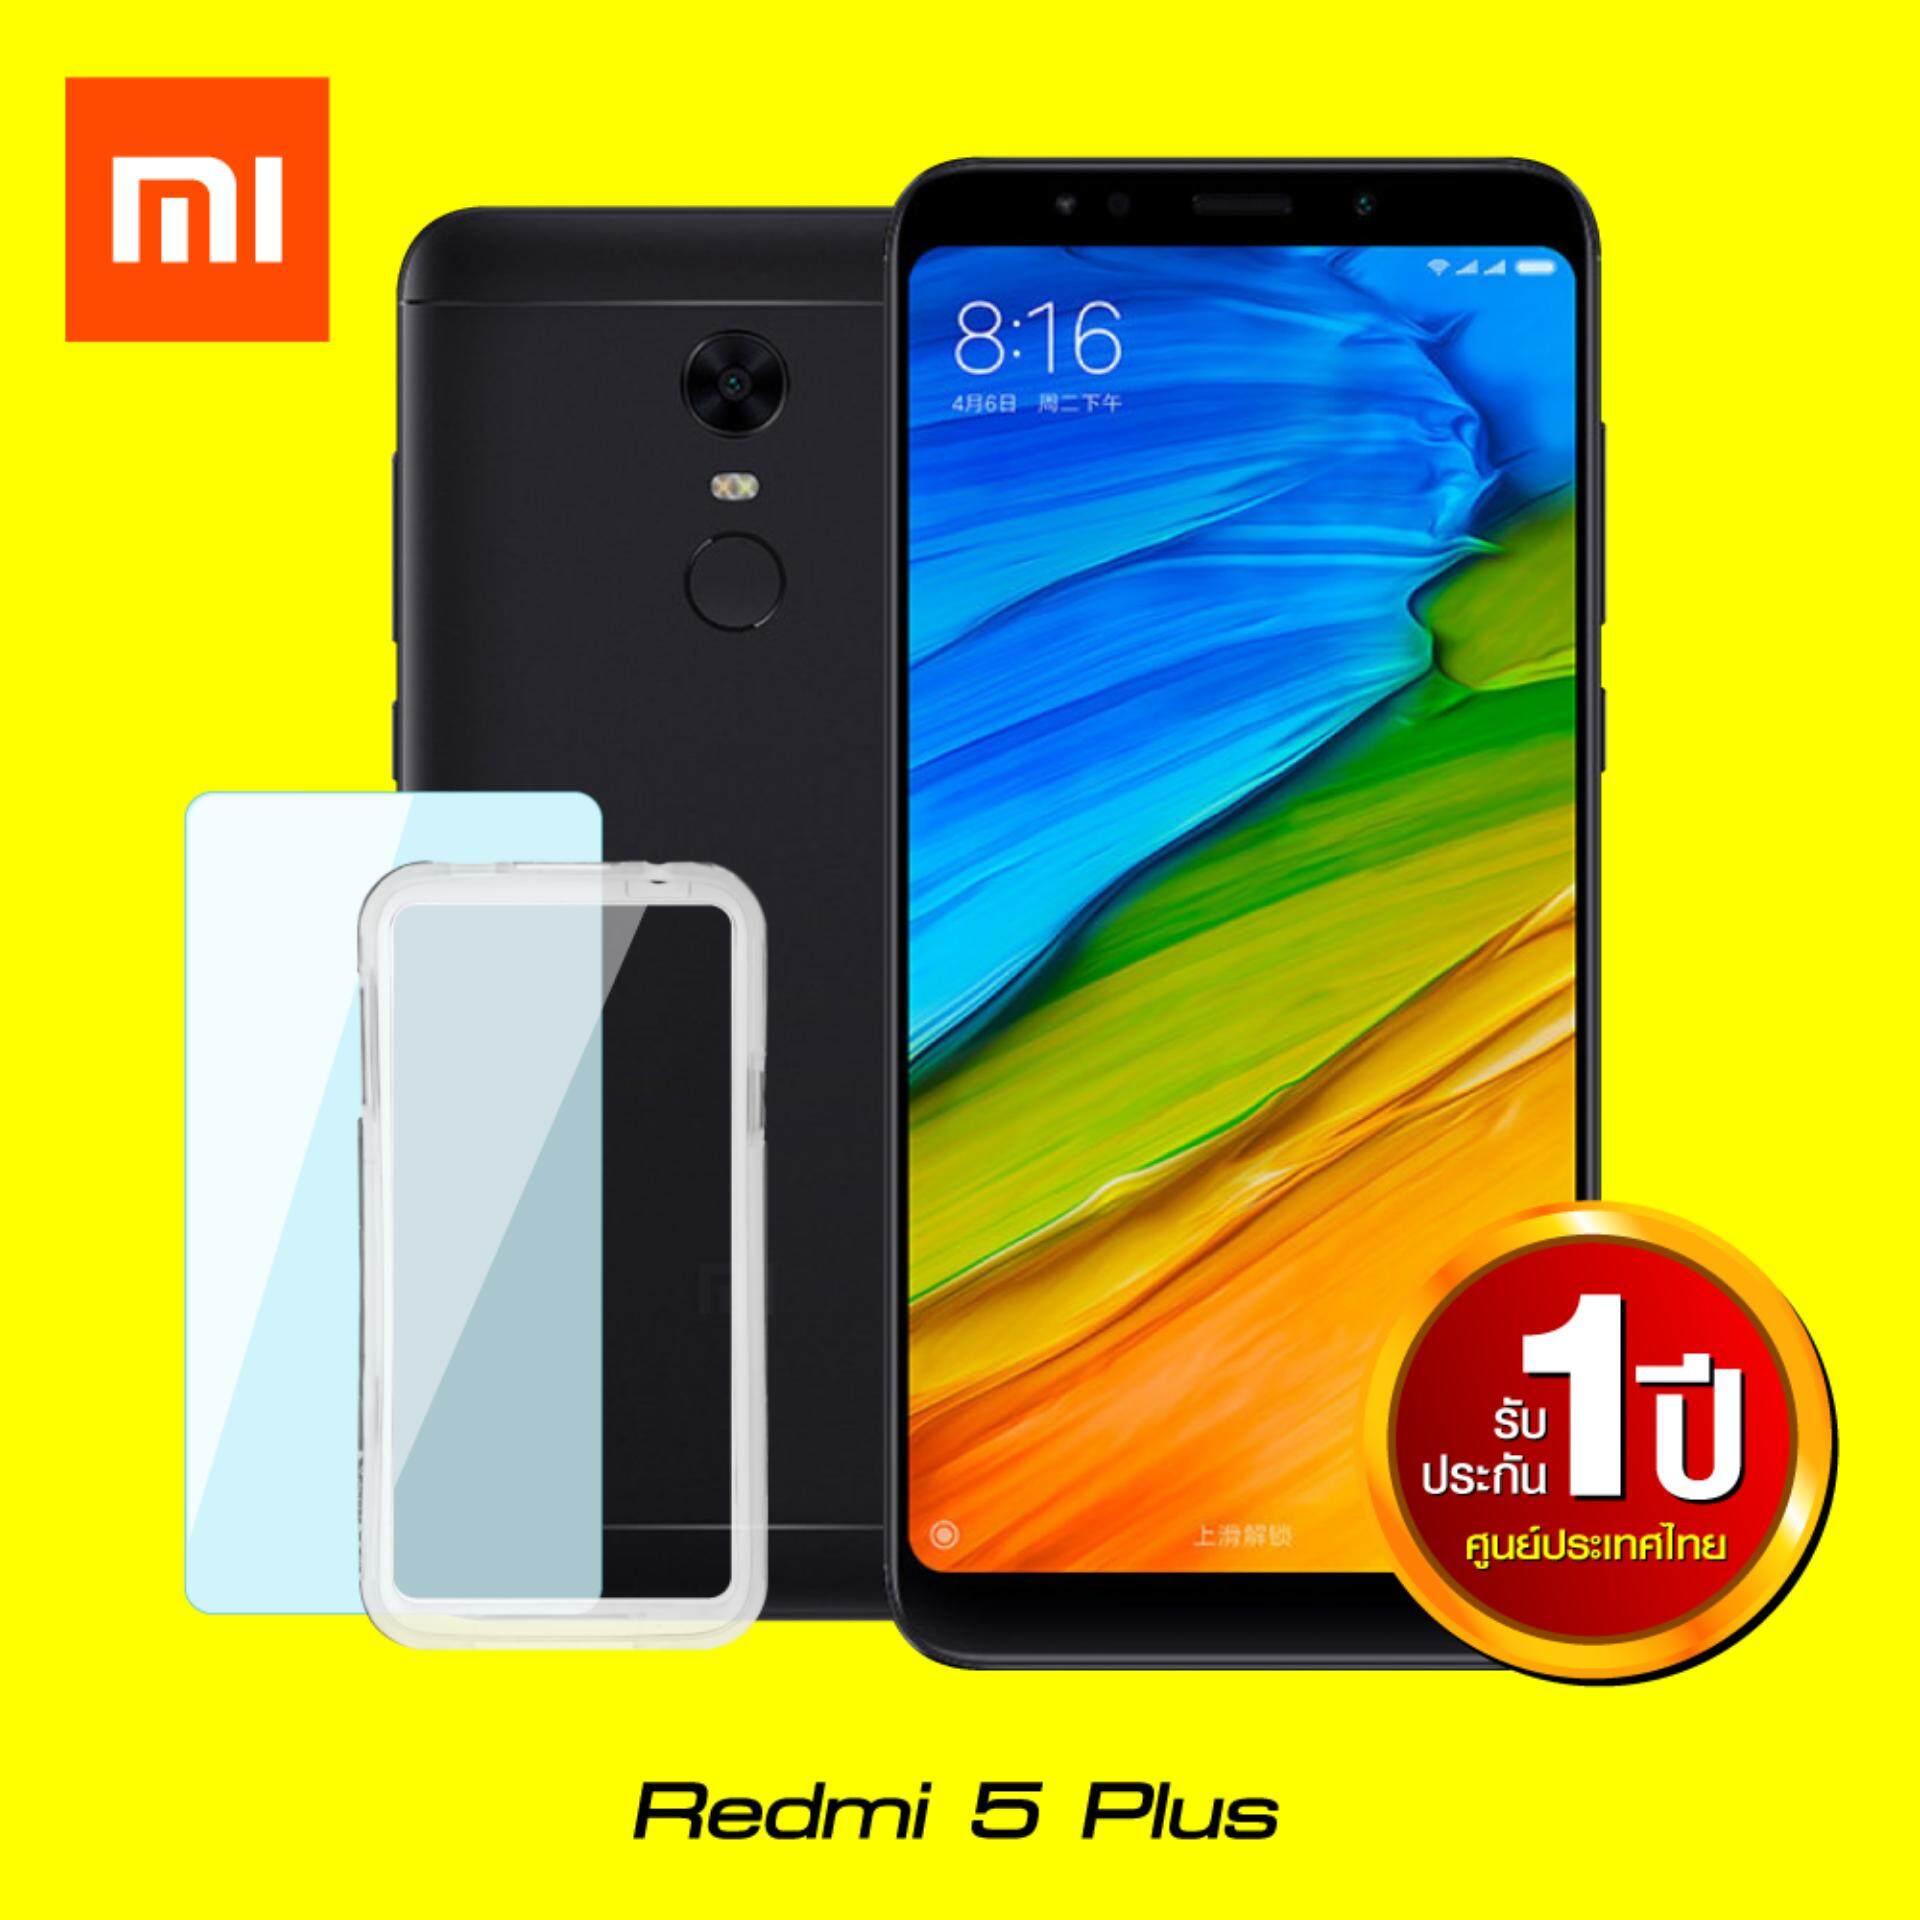 ขาย Xiaomi Redmi 5 Plus 4 64Gb พร้อมเคสกันกระแทก ฟิล์มกันรอย มูลค่า 390 หน้าจอ 5 99 นิ้ว รองรับ 2 ซิม รับประกันศูนย์ไทย 1 ปีเต็ม ถูก Thailand